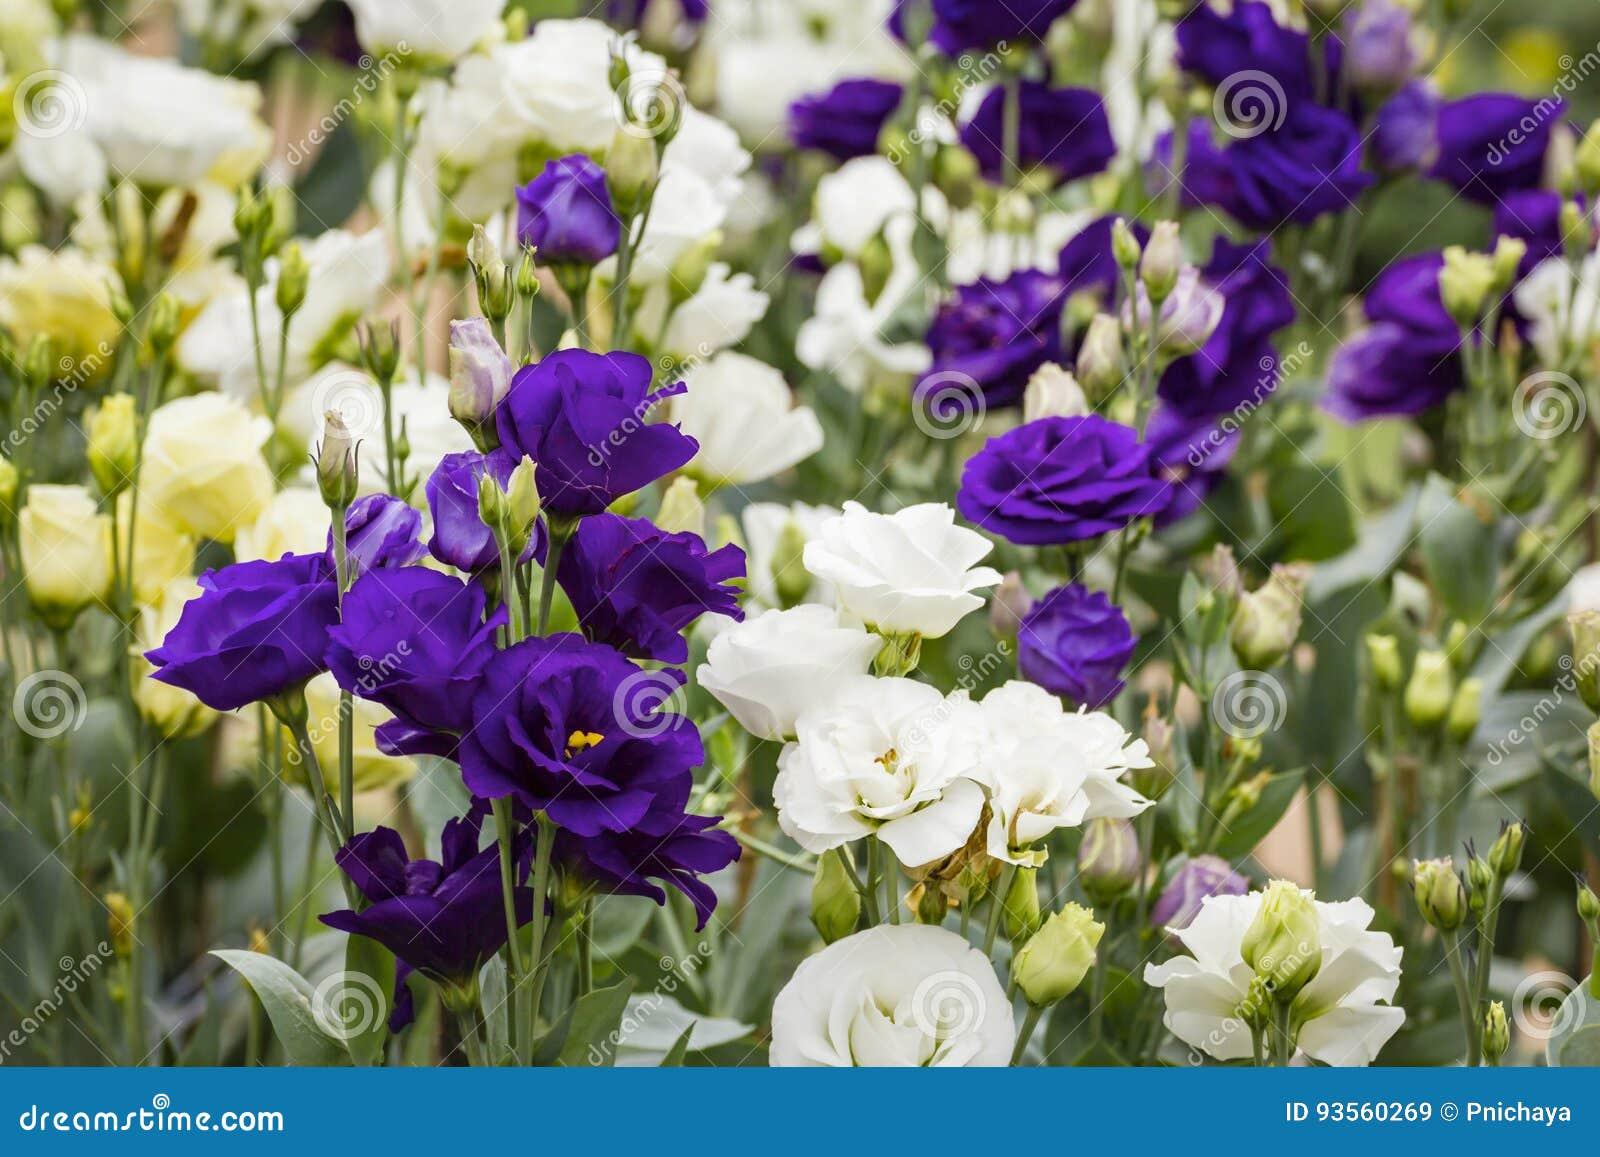 Blumenstrauß Von Purpurroten Lisianthus Blumen Stockbild Bild Von